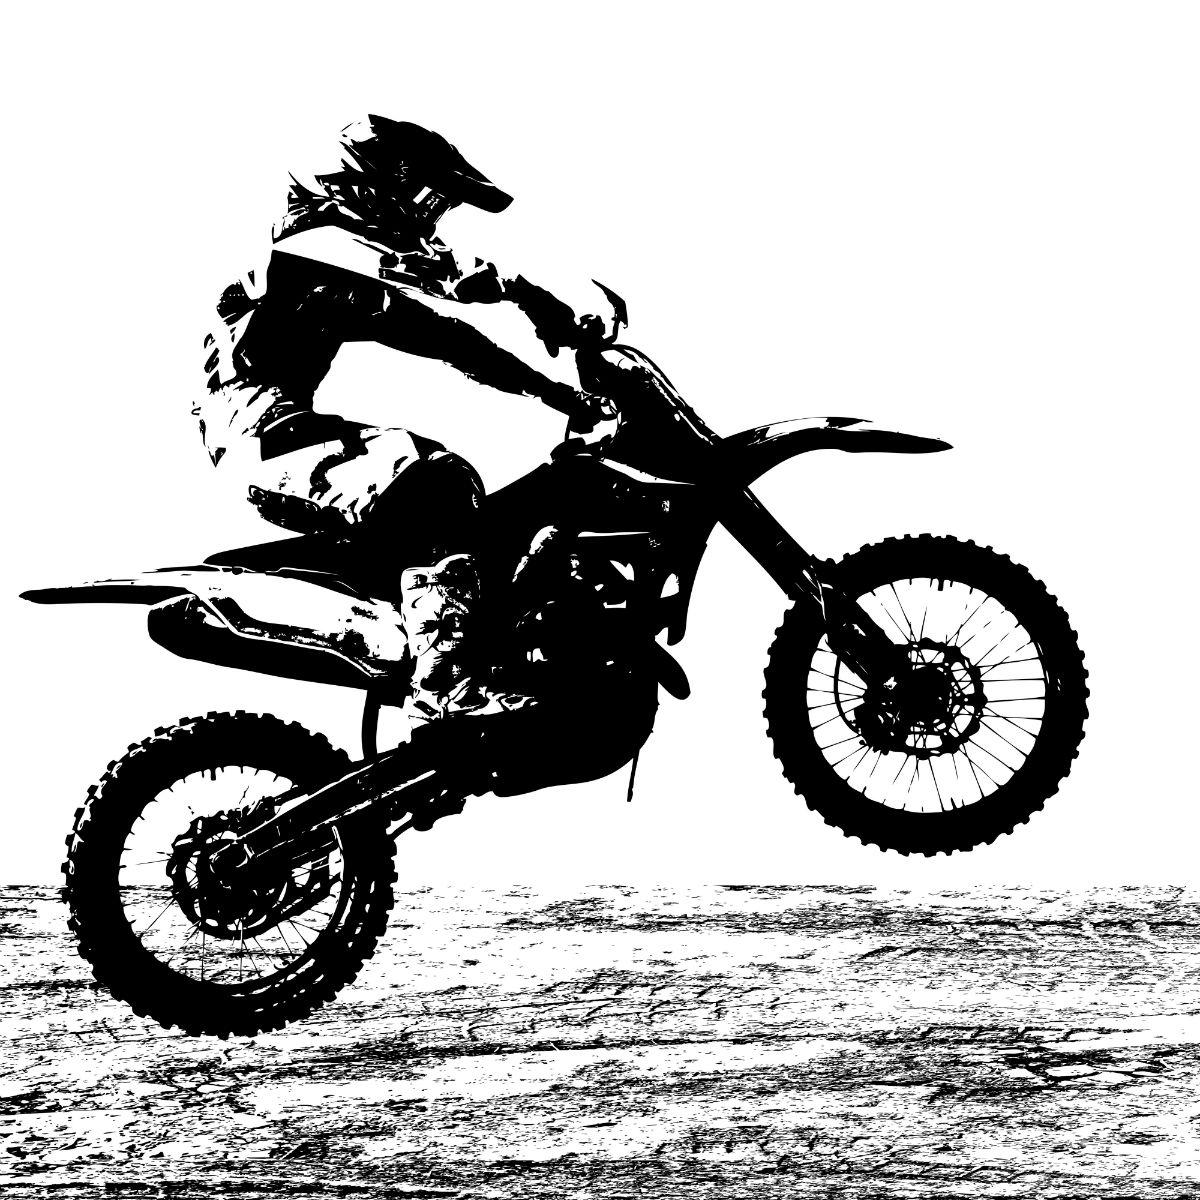 dirt_bike_rider